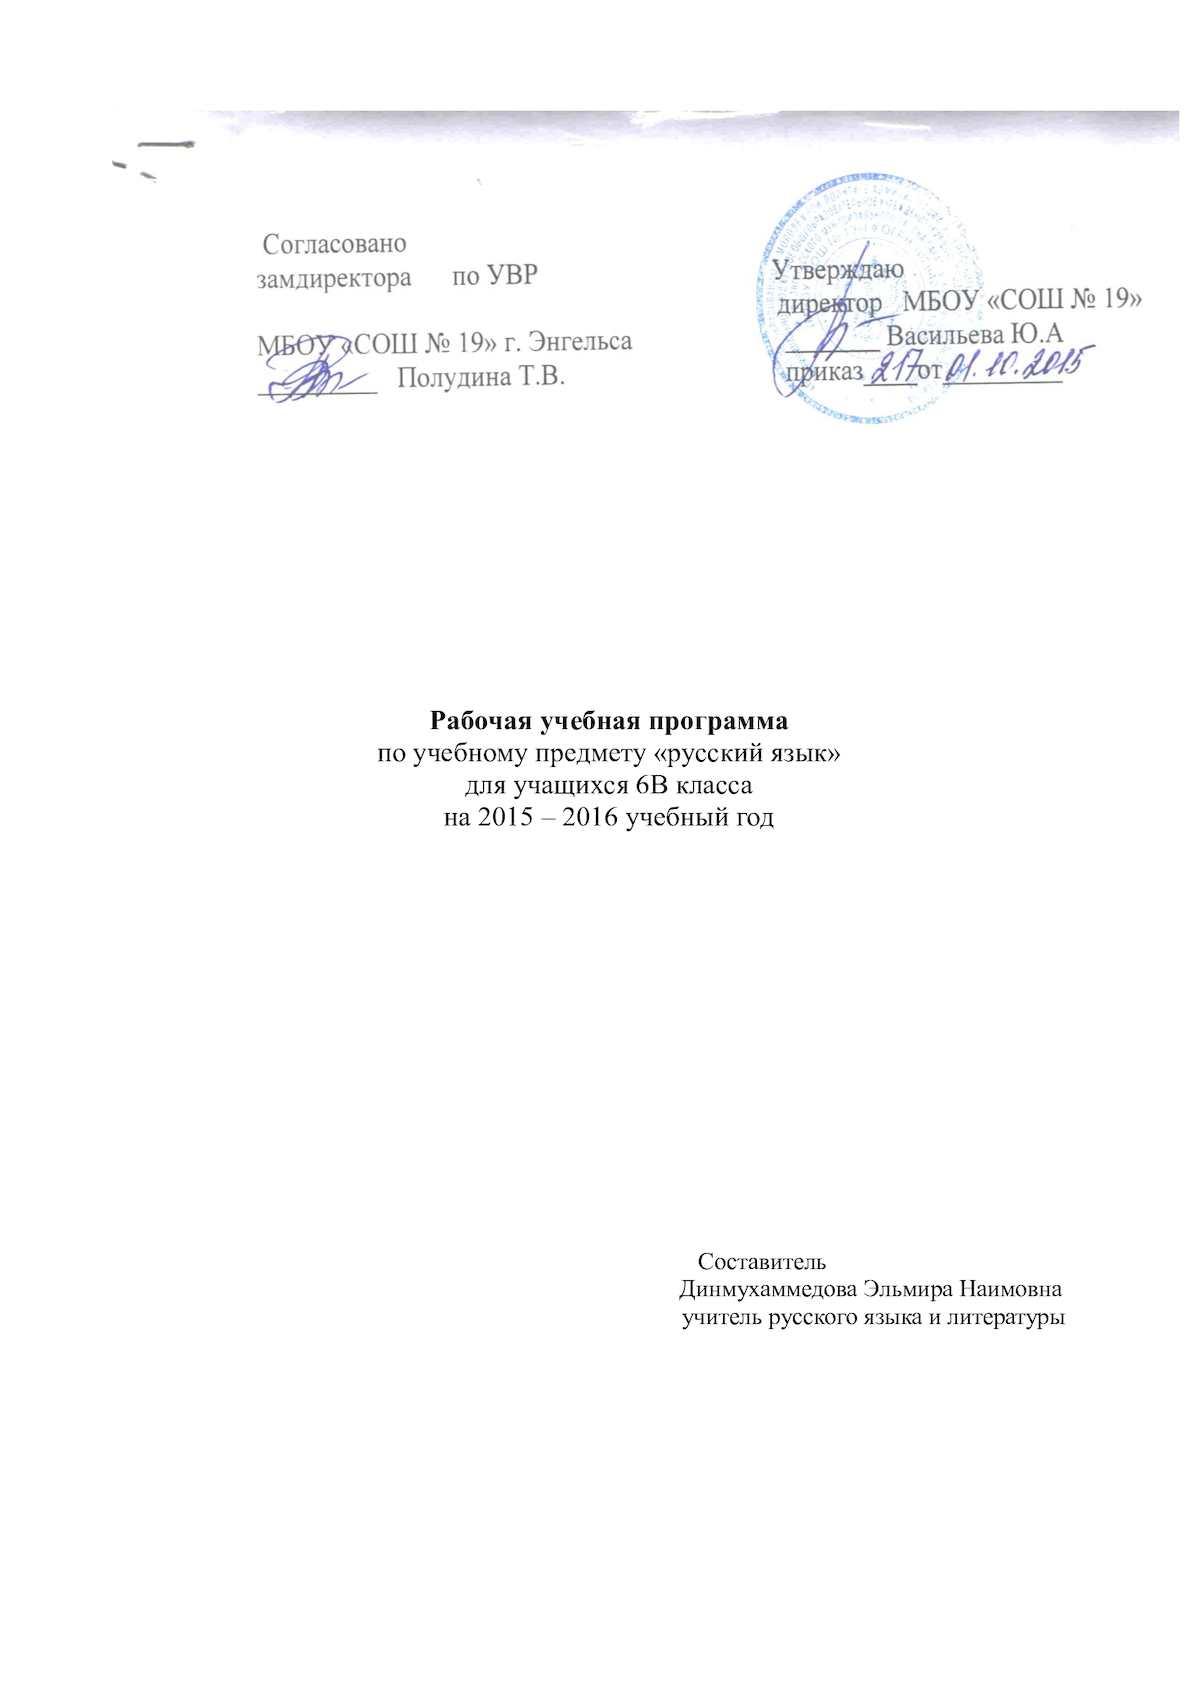 temu-sochinenie-rassuzhdenie-o-stile-rechi-dialektizmi-vipolnyayut-vazhnie-posledniy